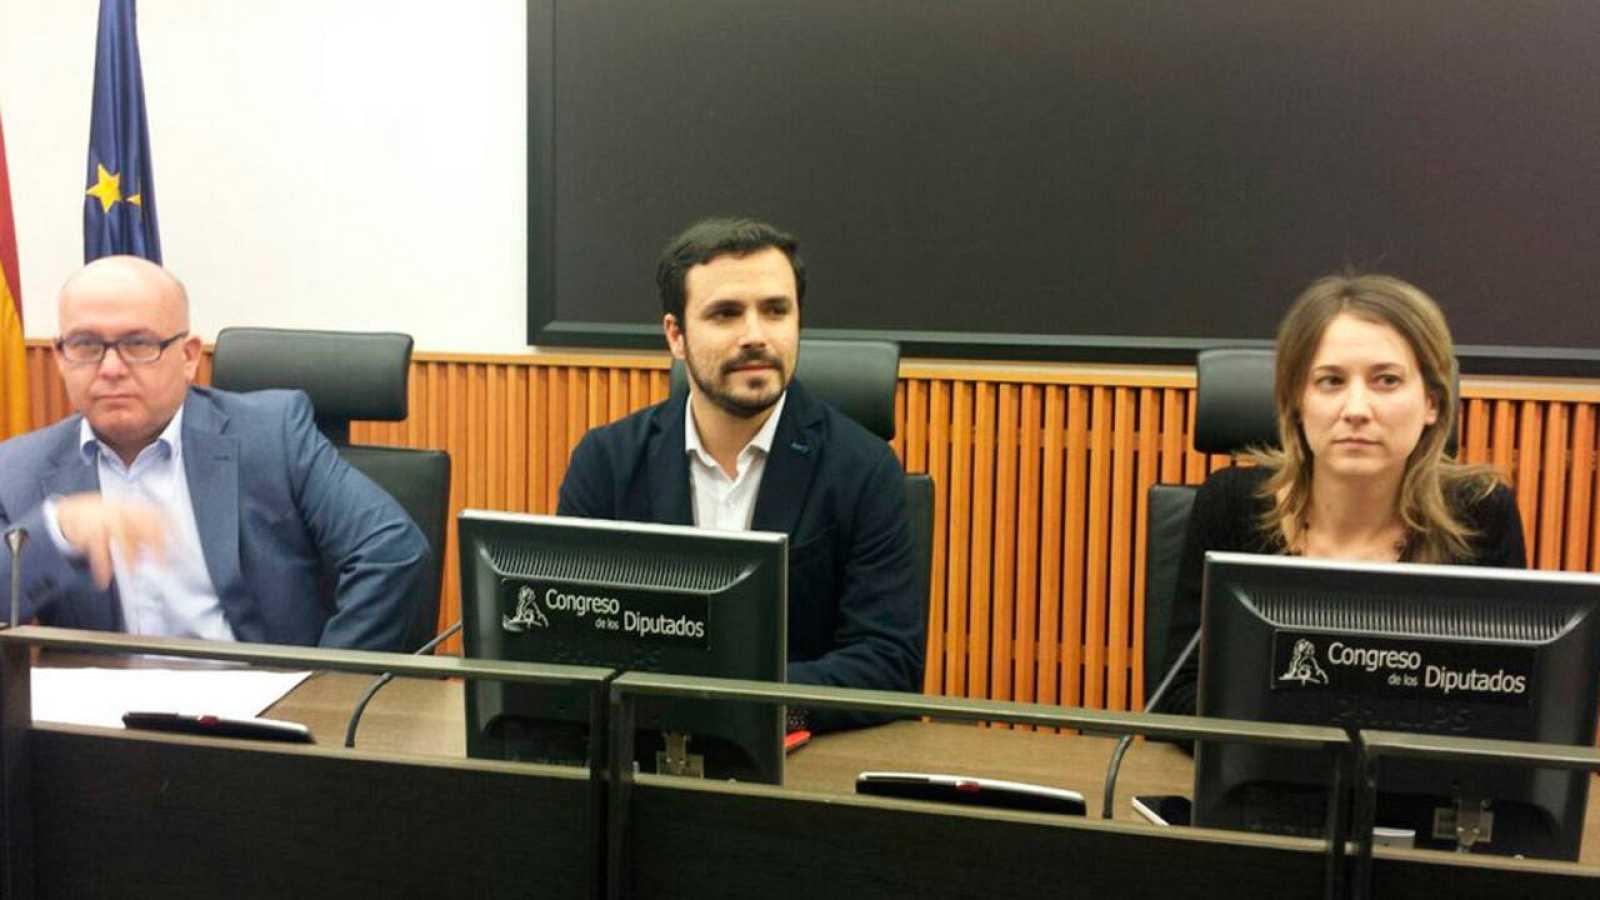 El diputado de IU Alberto Garzón, junto a la eurodiputada Marina Albiol y el abogado Gonzalo Boye